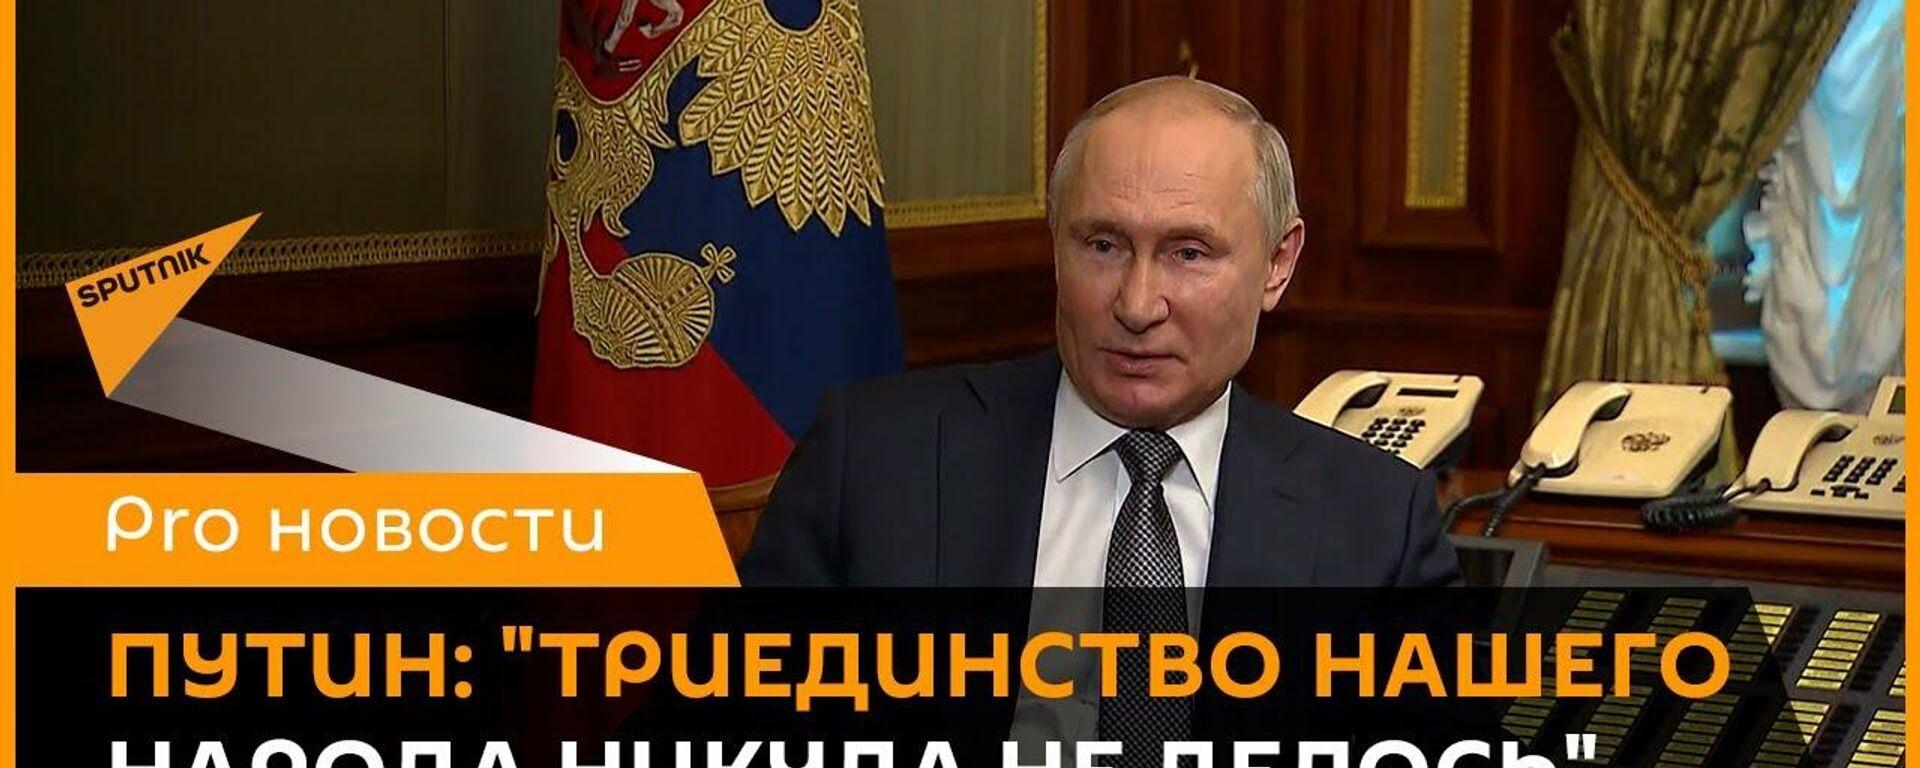 Что Путин думает об отношениях народов России, Украины и Беларуси? - Sputnik Латвия, 1920, 14.07.2021